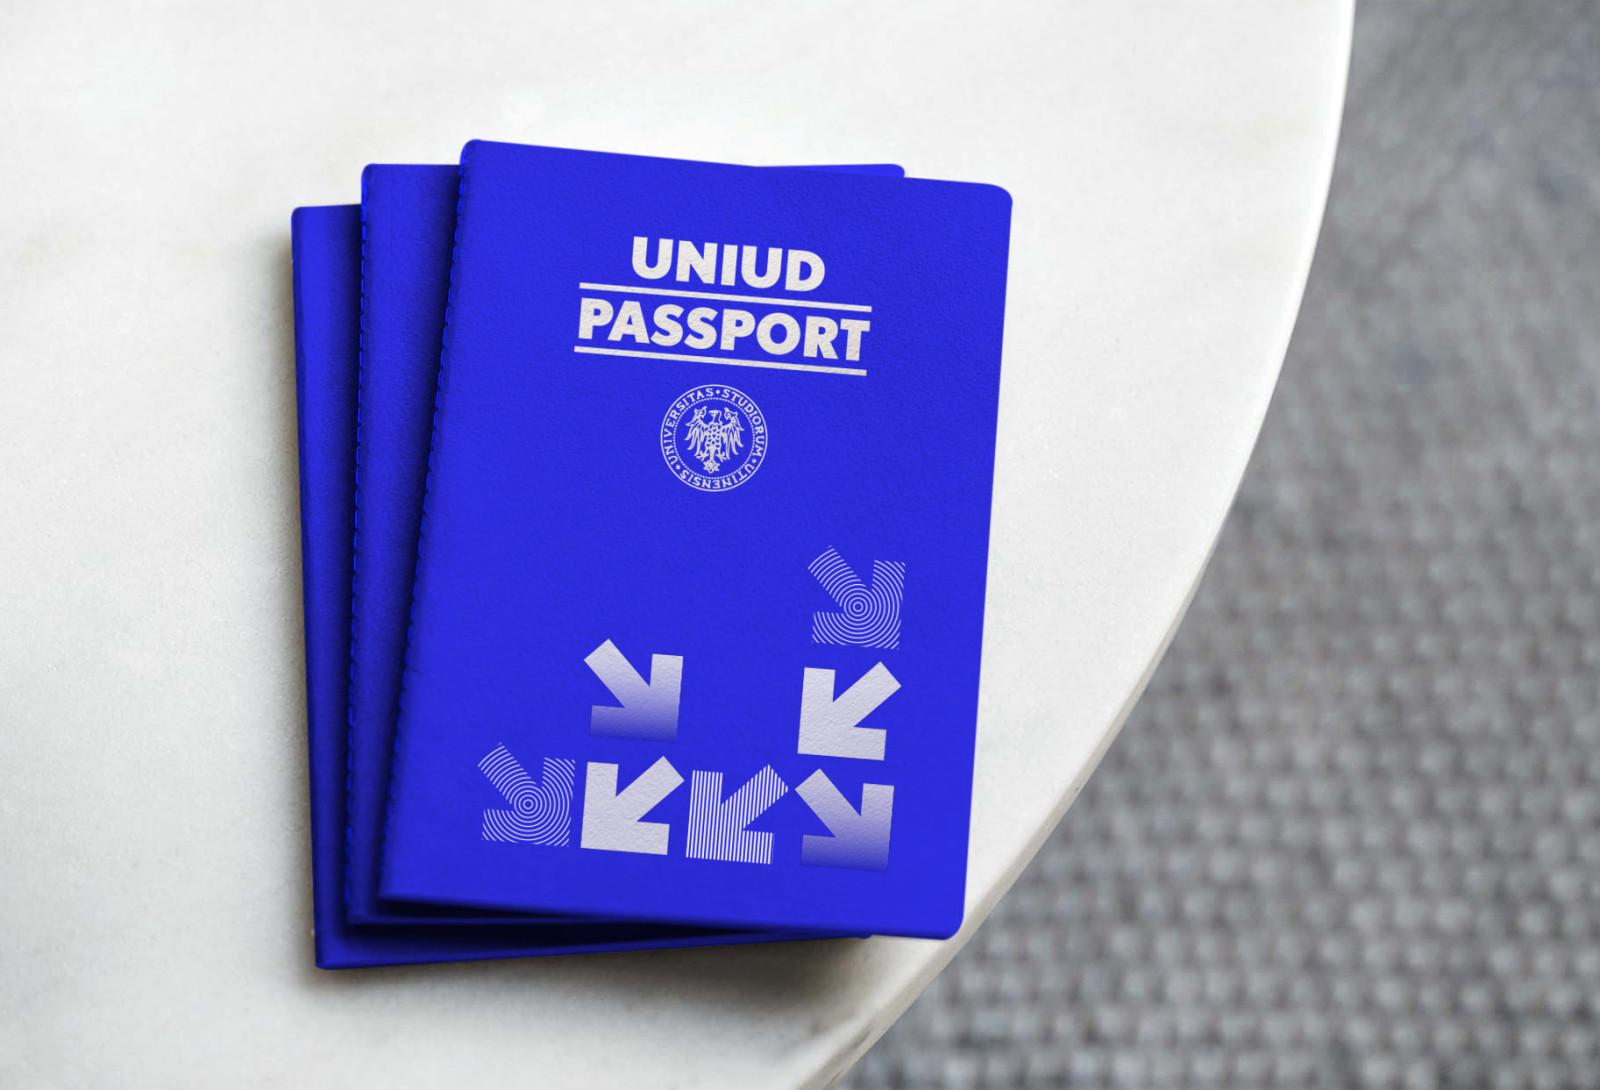 passport_uniudOK